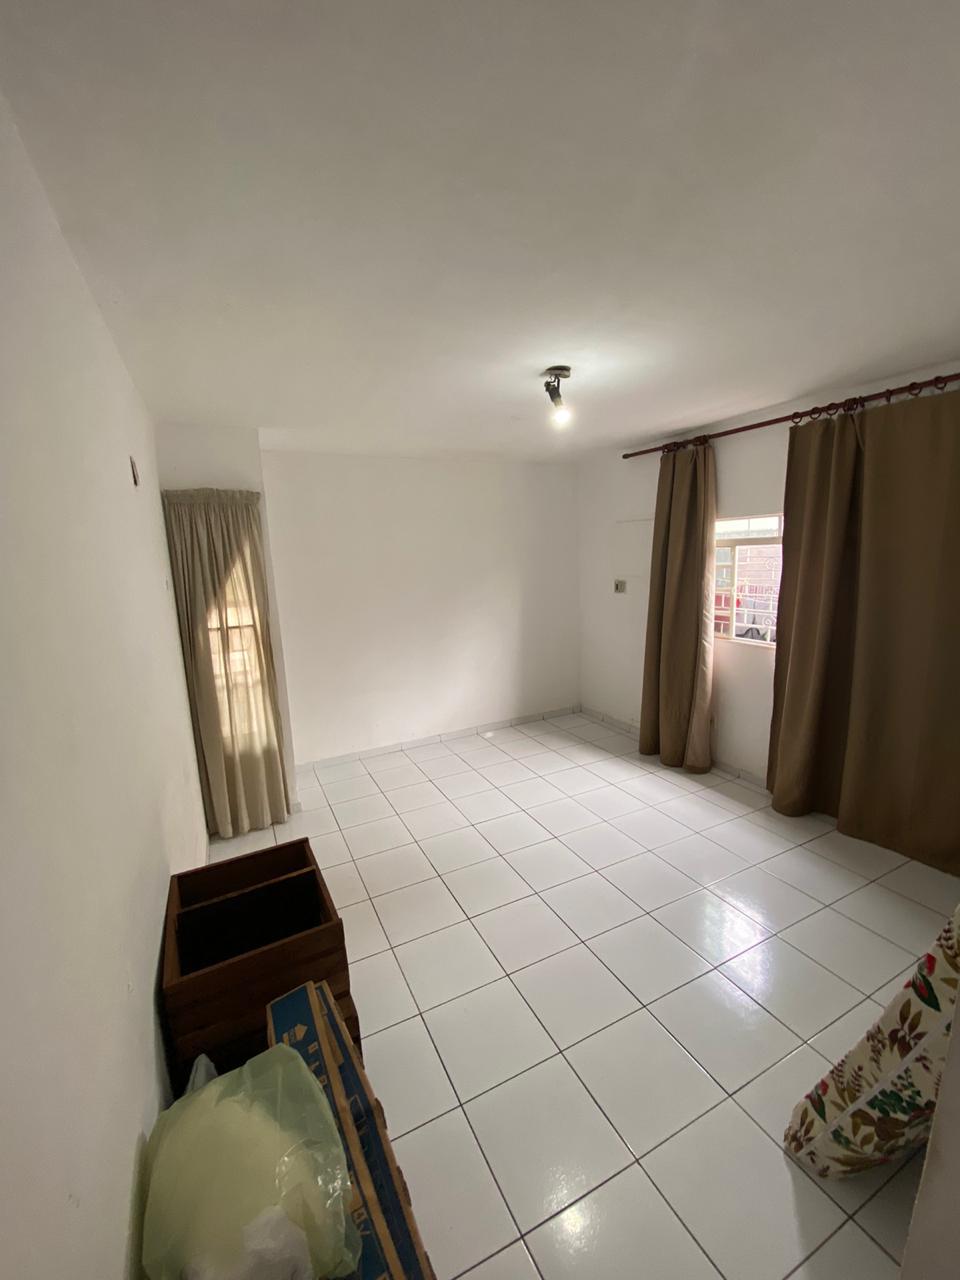 Casa à venda,  com 4 quartos sendo 1 suite no Morada do Ouro em Cuiabá MT 101 12605